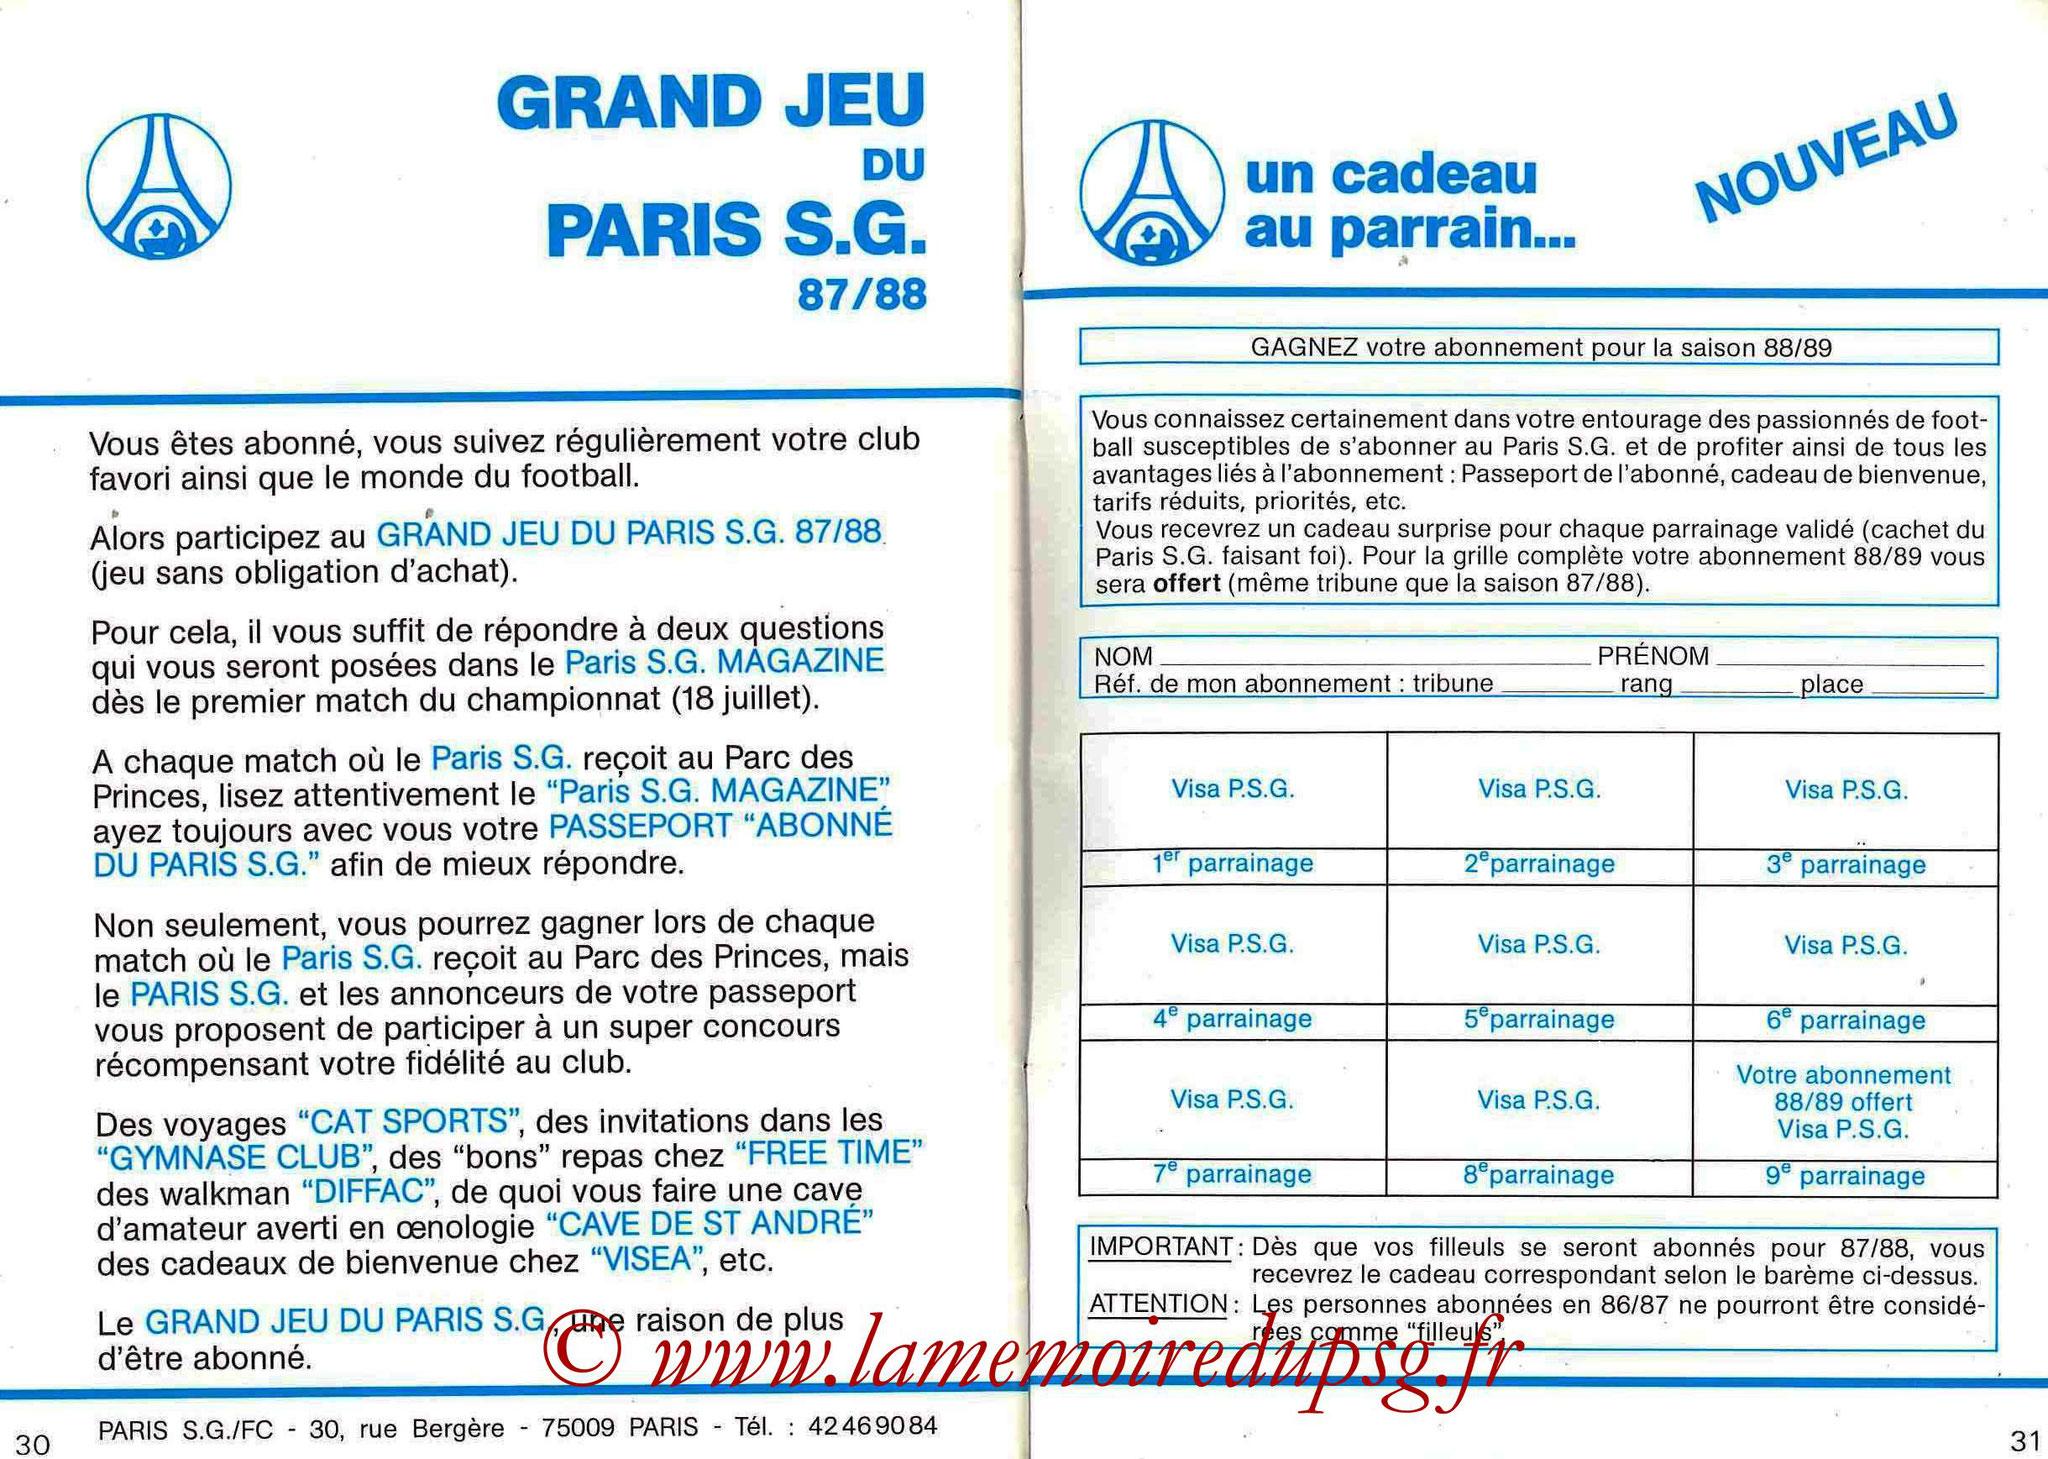 1987-88 - Passeport Abonné du PSG - Pages 30 et 31